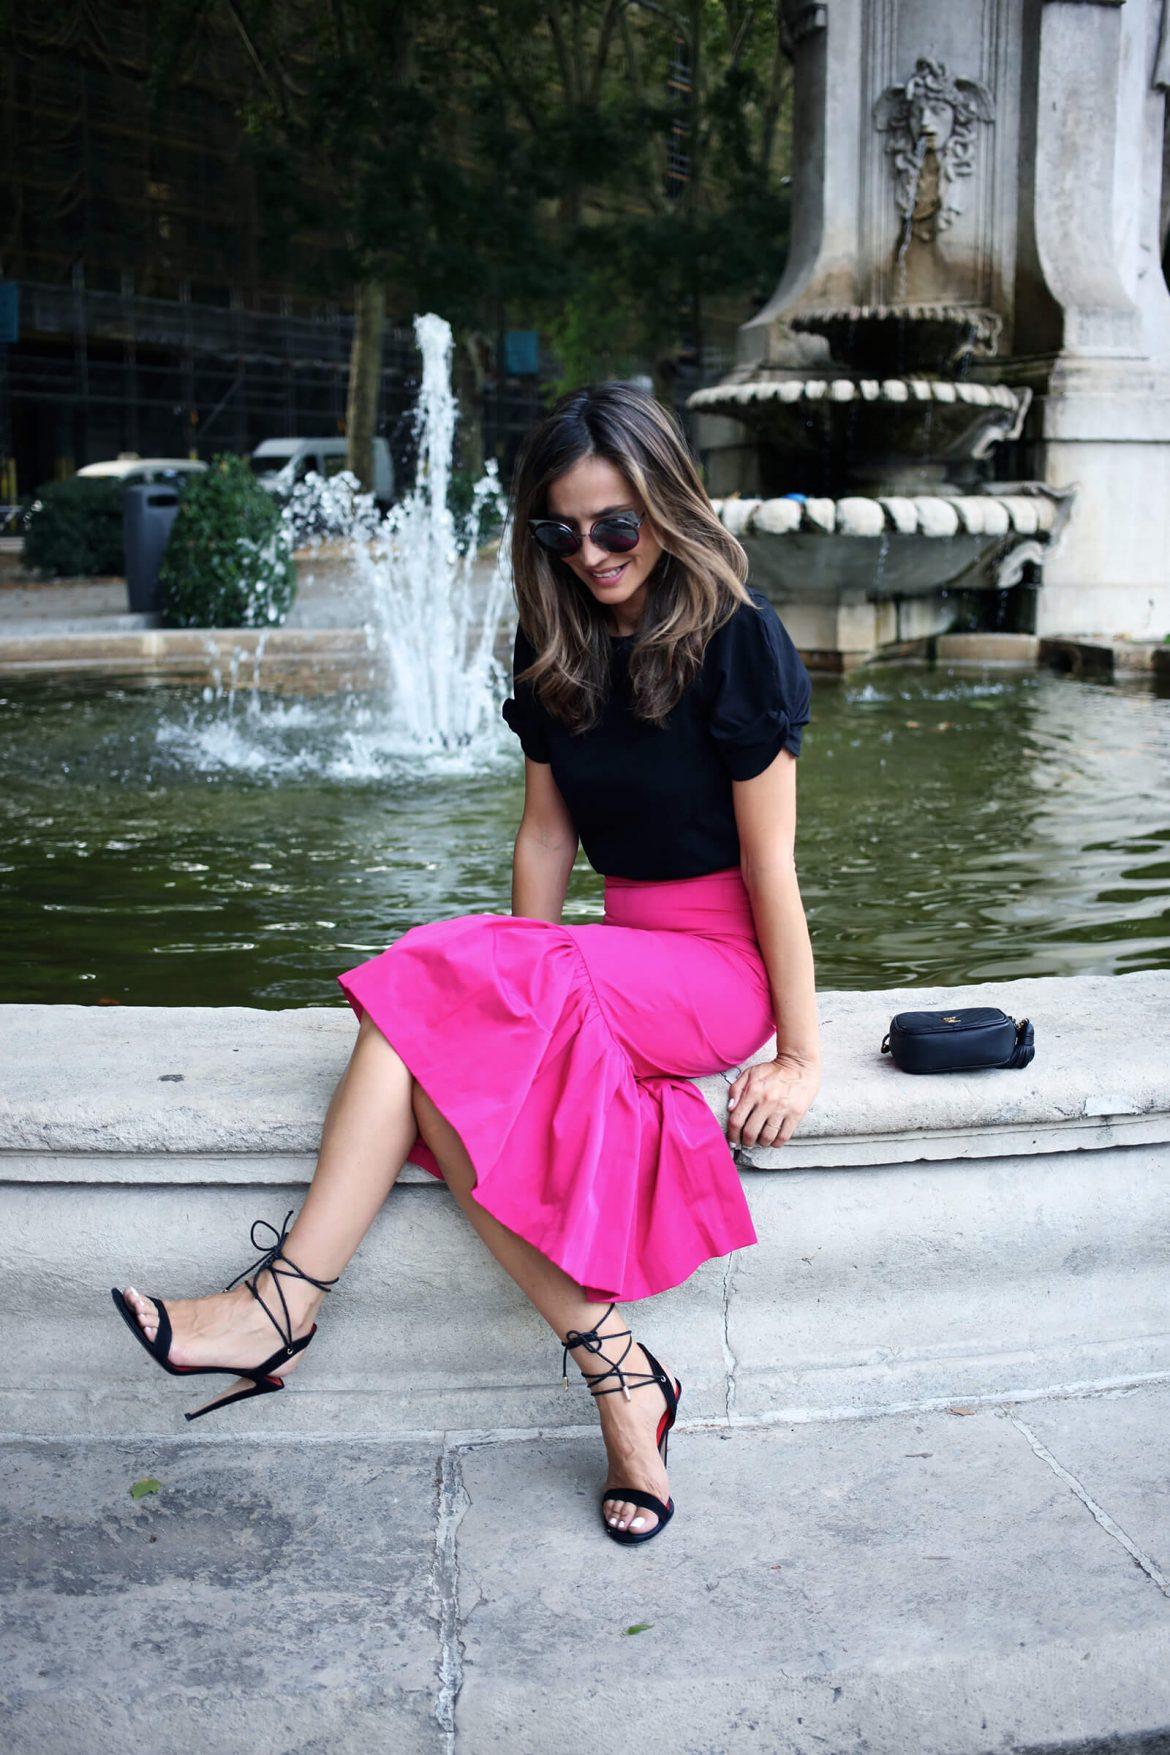 Sandalias negras pura lopez con cordones atados al tobillo, outfit verano combinado con falda de volantes fucsia